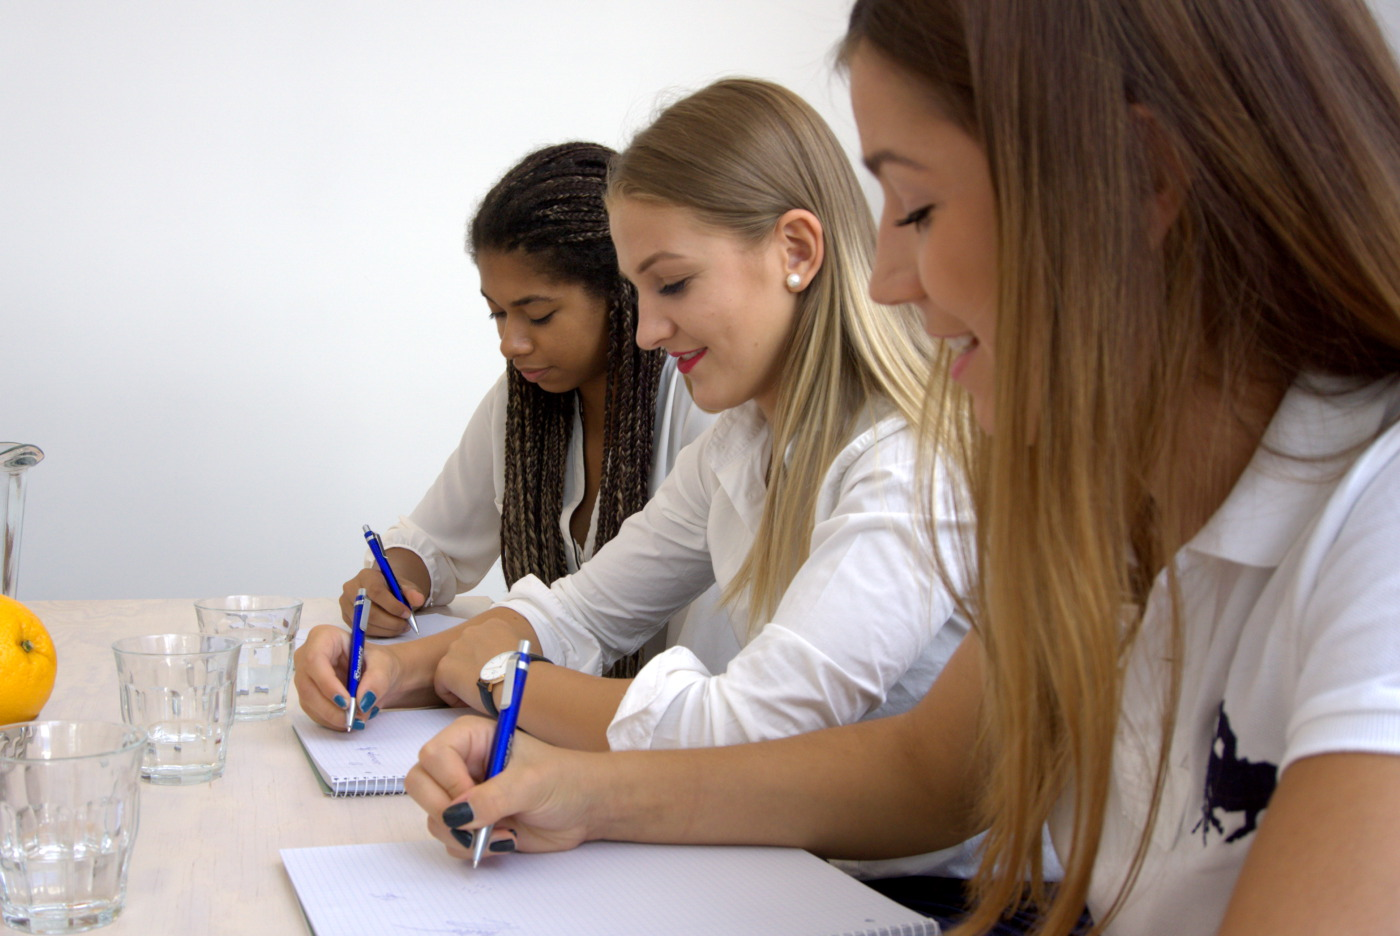 3 Junge Frauen arbeiten an einem Tisch